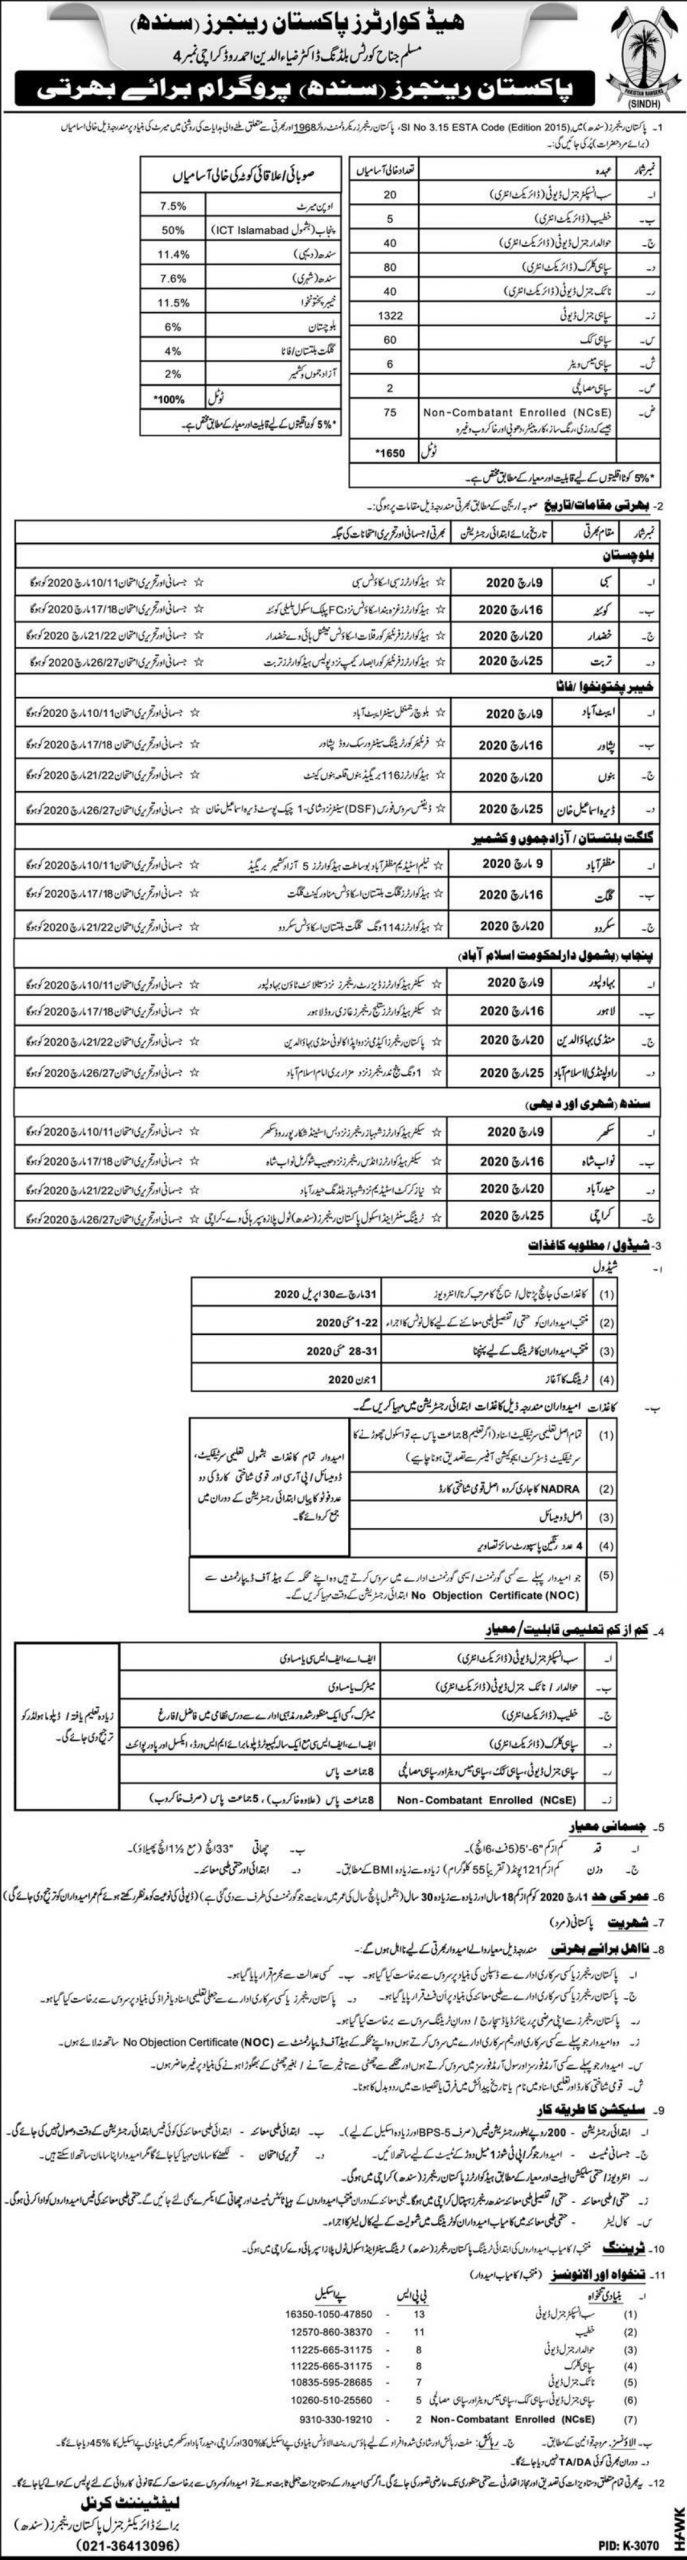 Pakistan-Rangers-Sindh-Punjab-Police-Jobs-2020